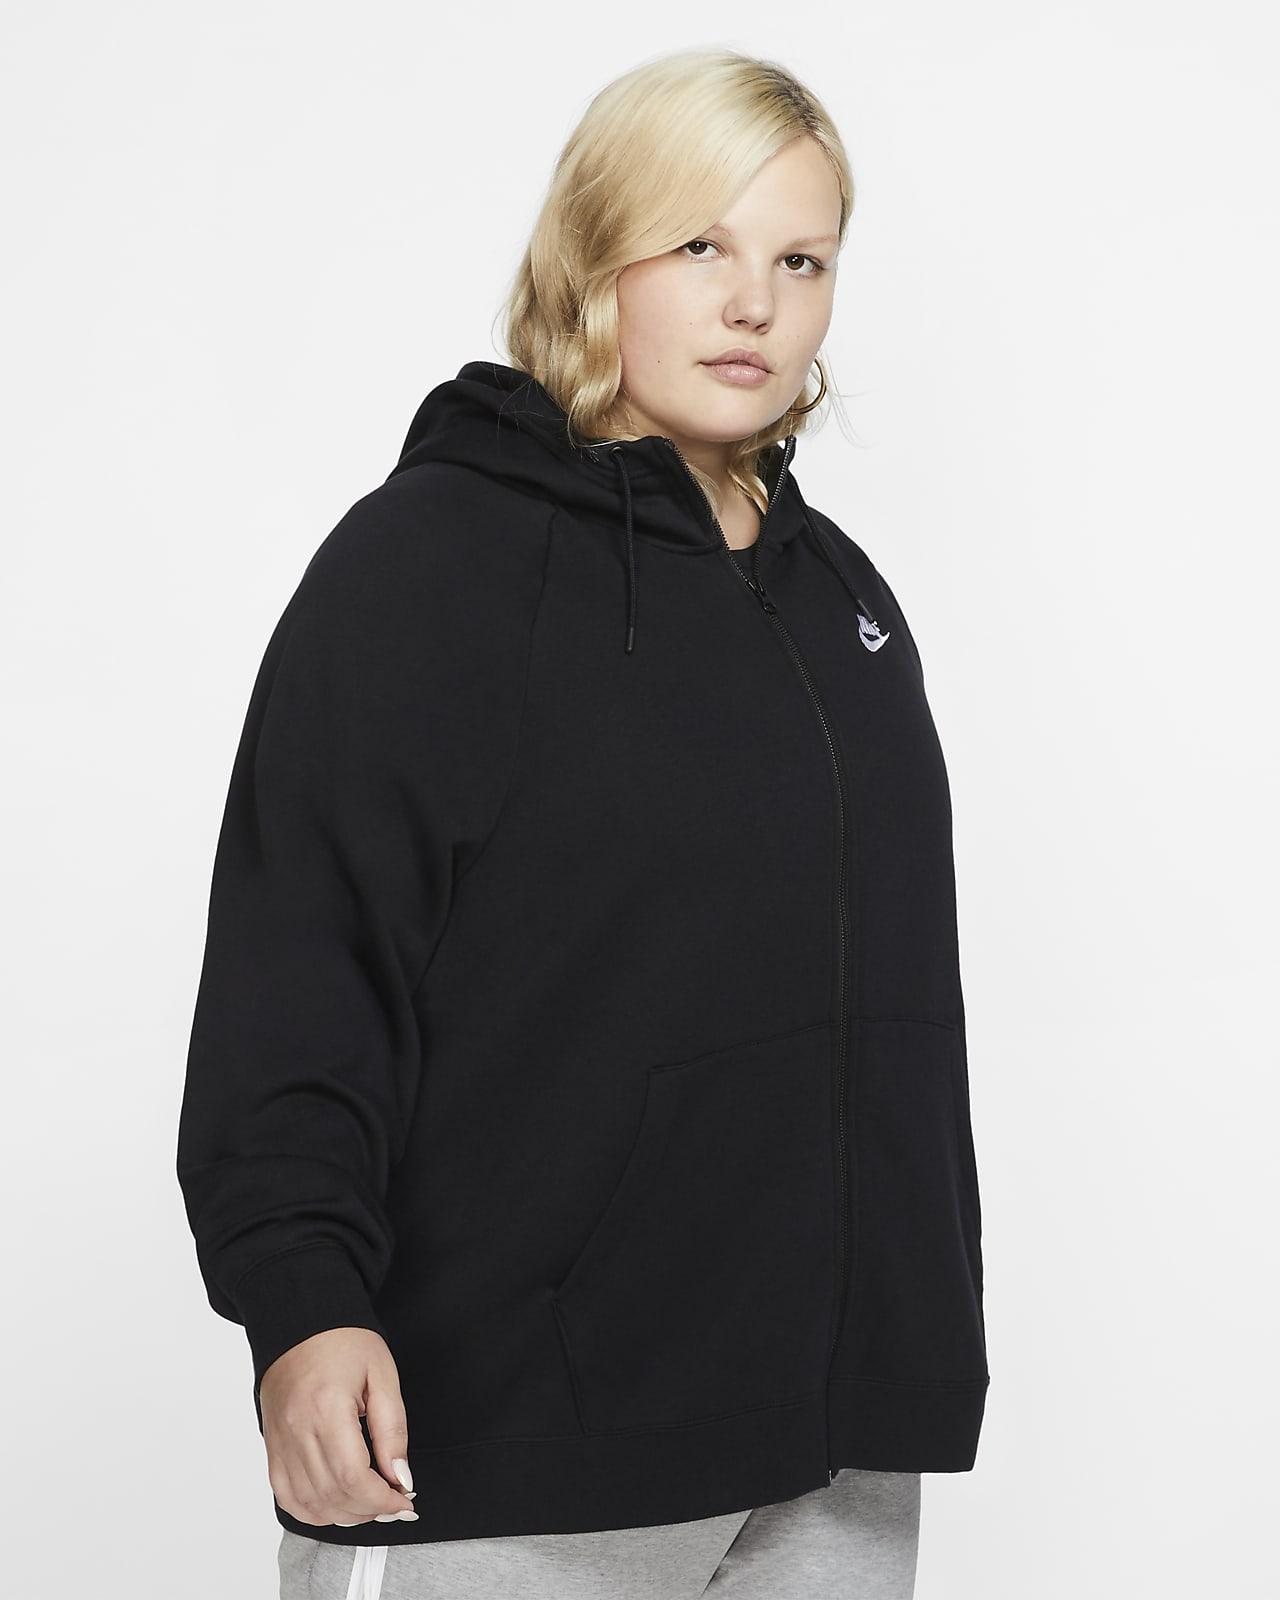 Nike Sportswear Essential Sudadera con capucha con cremallera completa (Talla grande) - Mujer